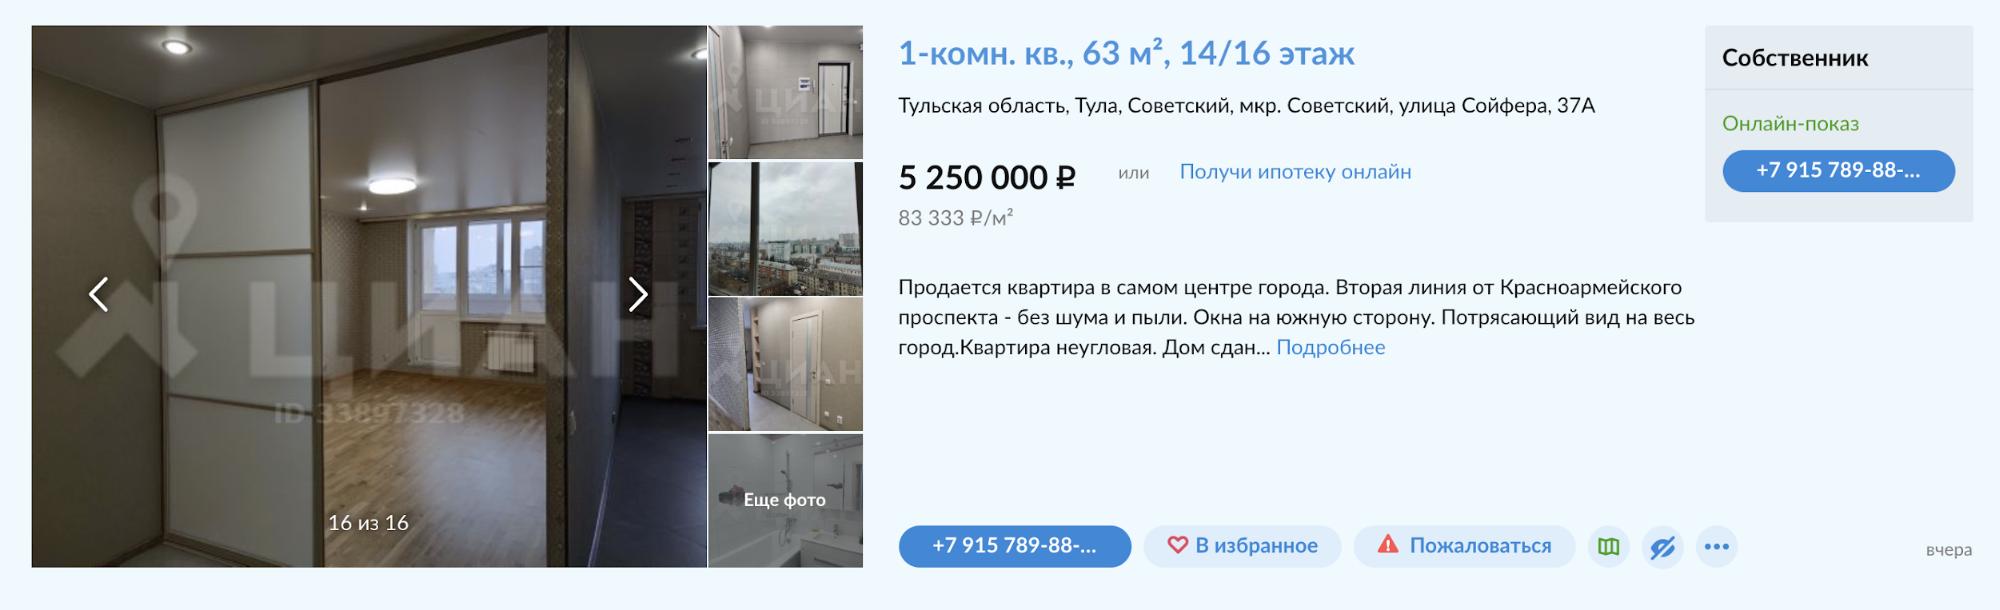 Однушка близко к центру в относительно новом доме на высоком этаже — 5 млн рублей